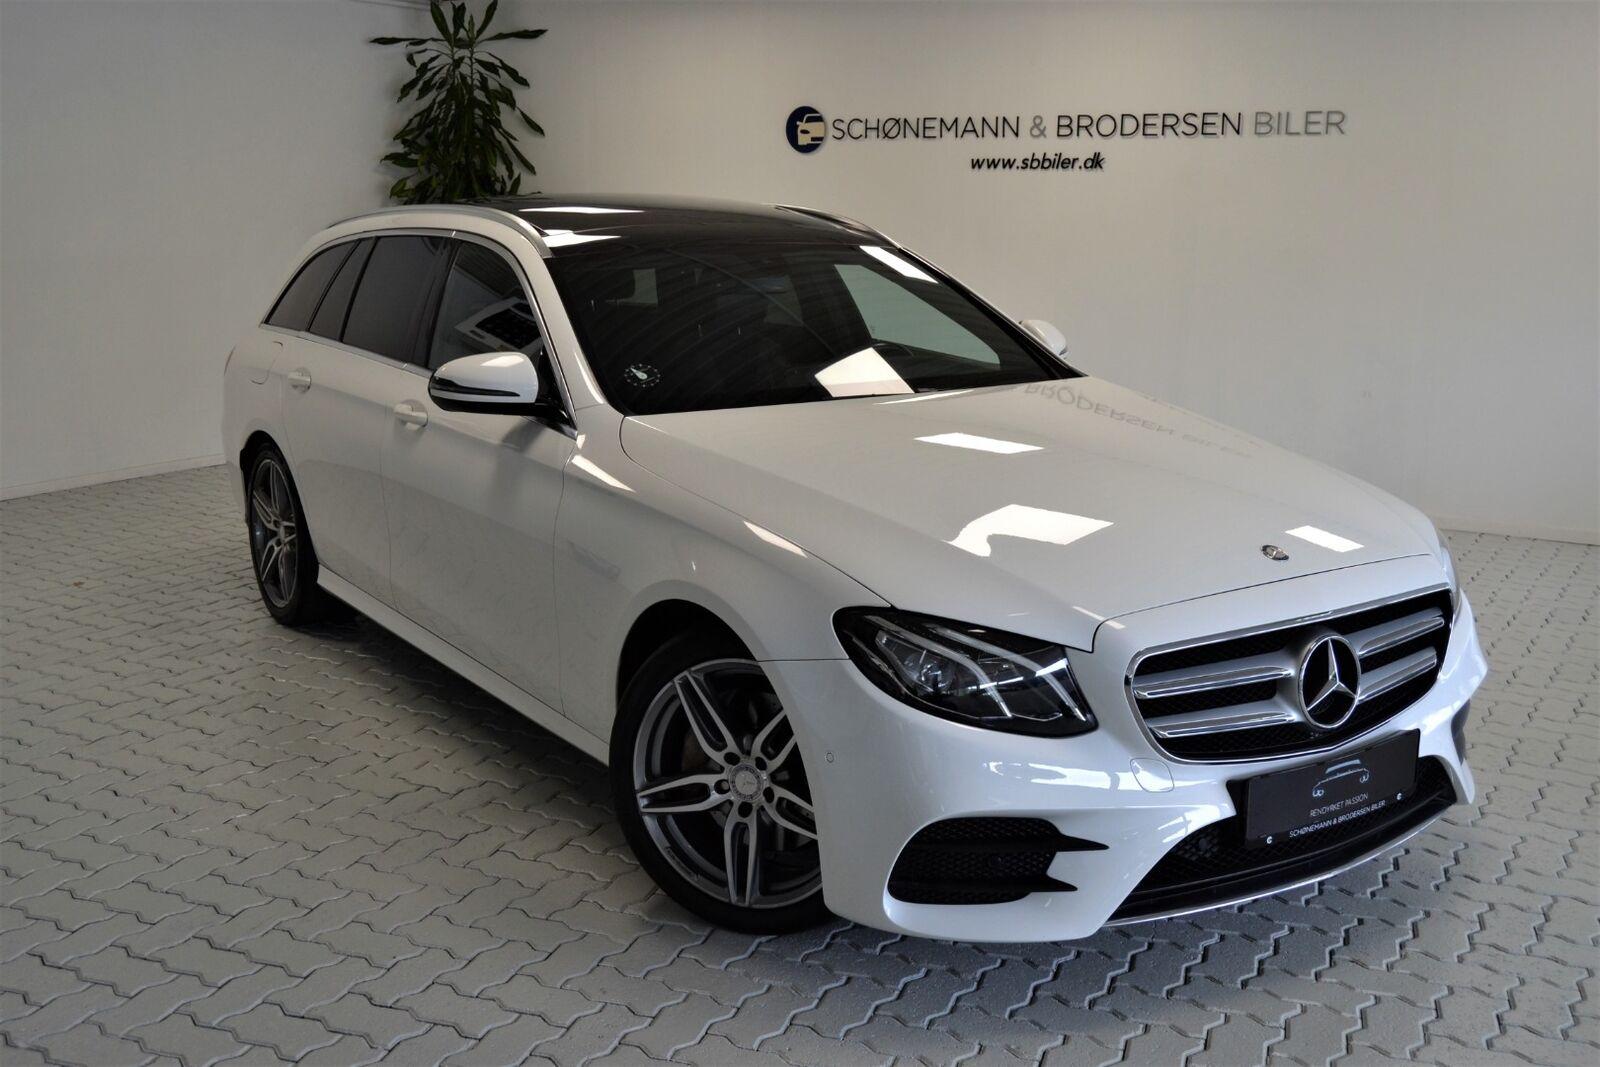 Mercedes E220 d 2,0 AMG Line stc. aut. 5d - 429.900 kr.